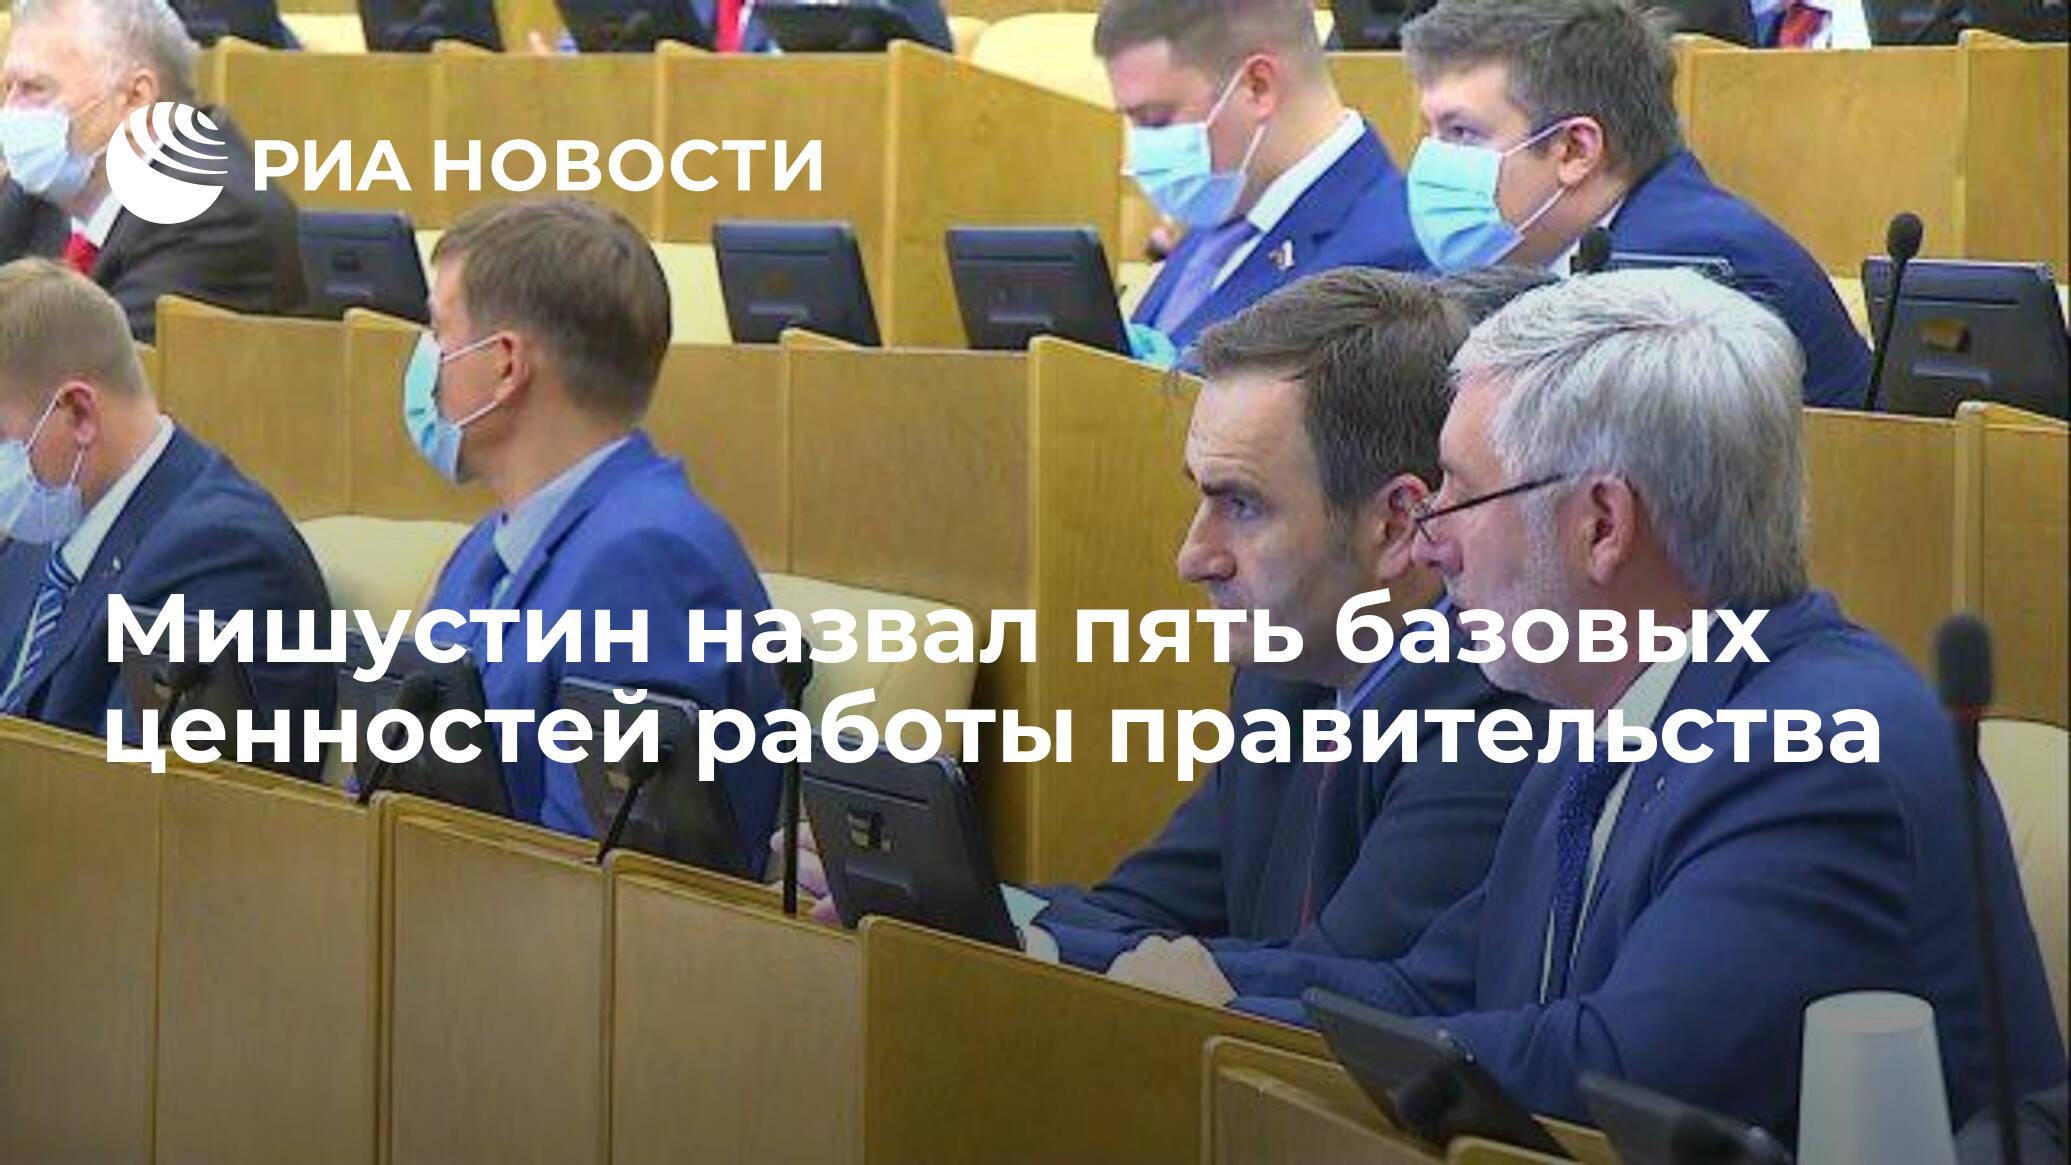 Мишустин назвал пять базовых ценностей работы правительства